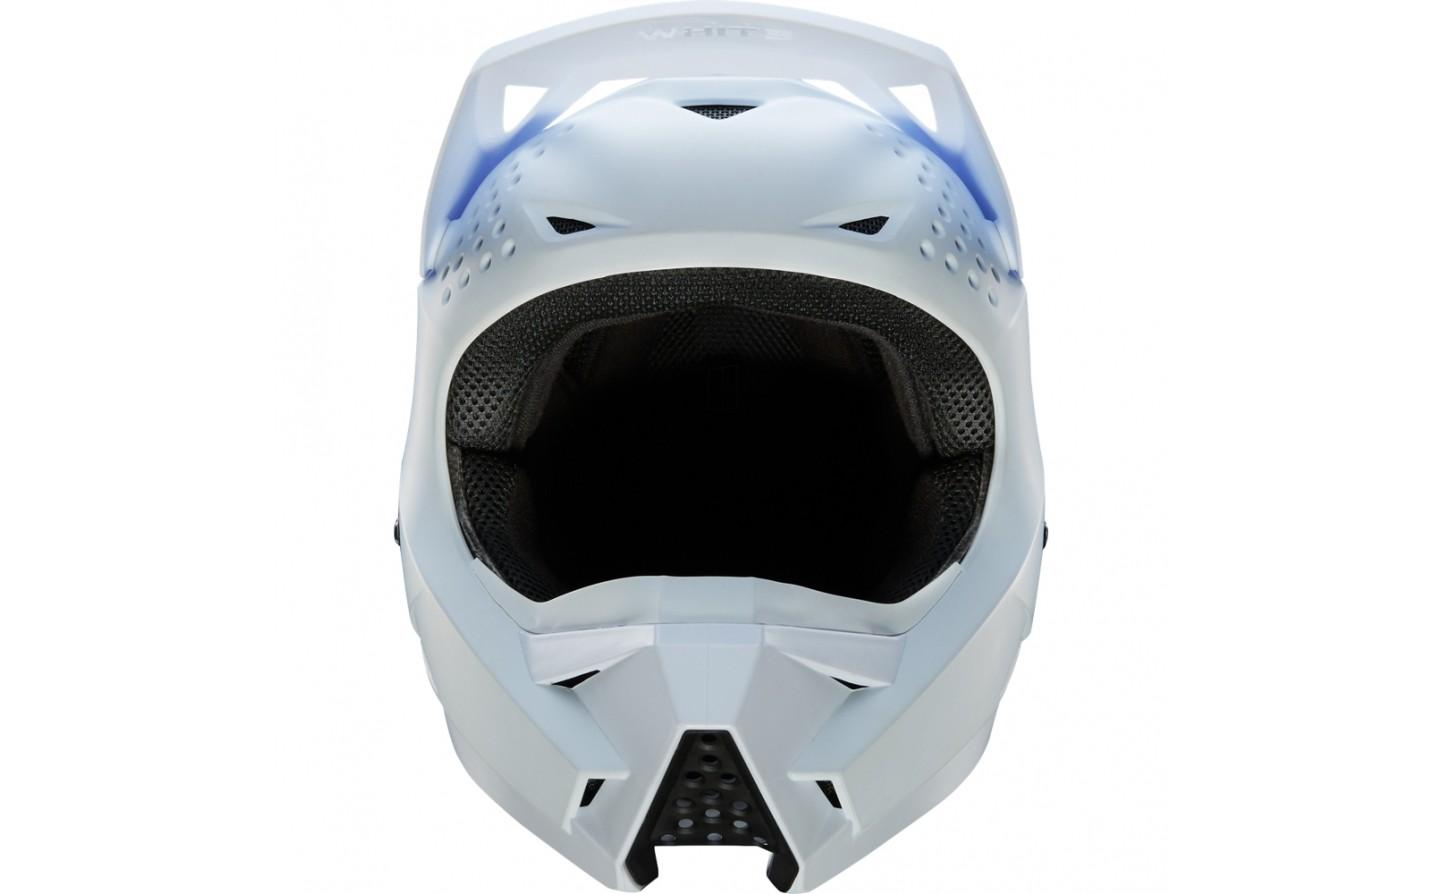 ad547de7c7c57 ... Casco Motocross Shift Whit3 Helmet Blanco